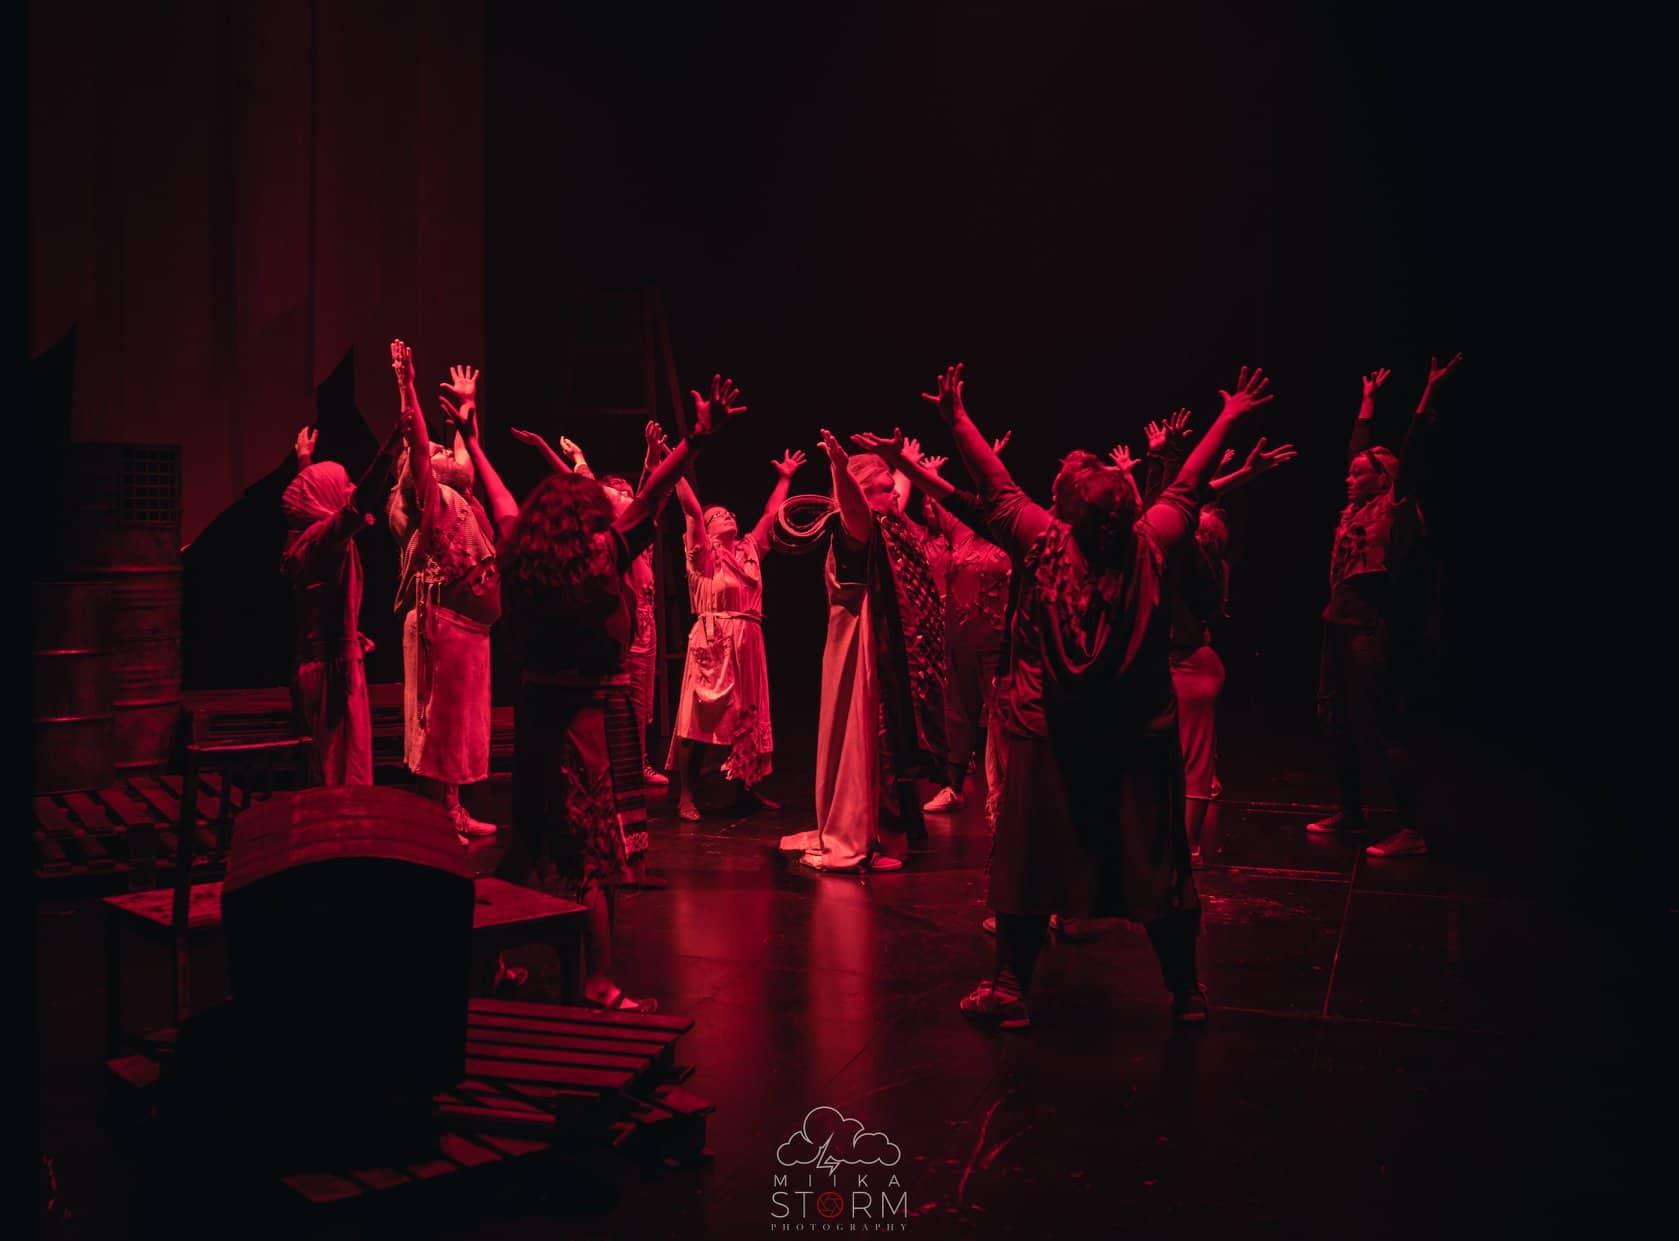 musikaaliryhmä ringissä kädet ylhäällä punainen valaistus